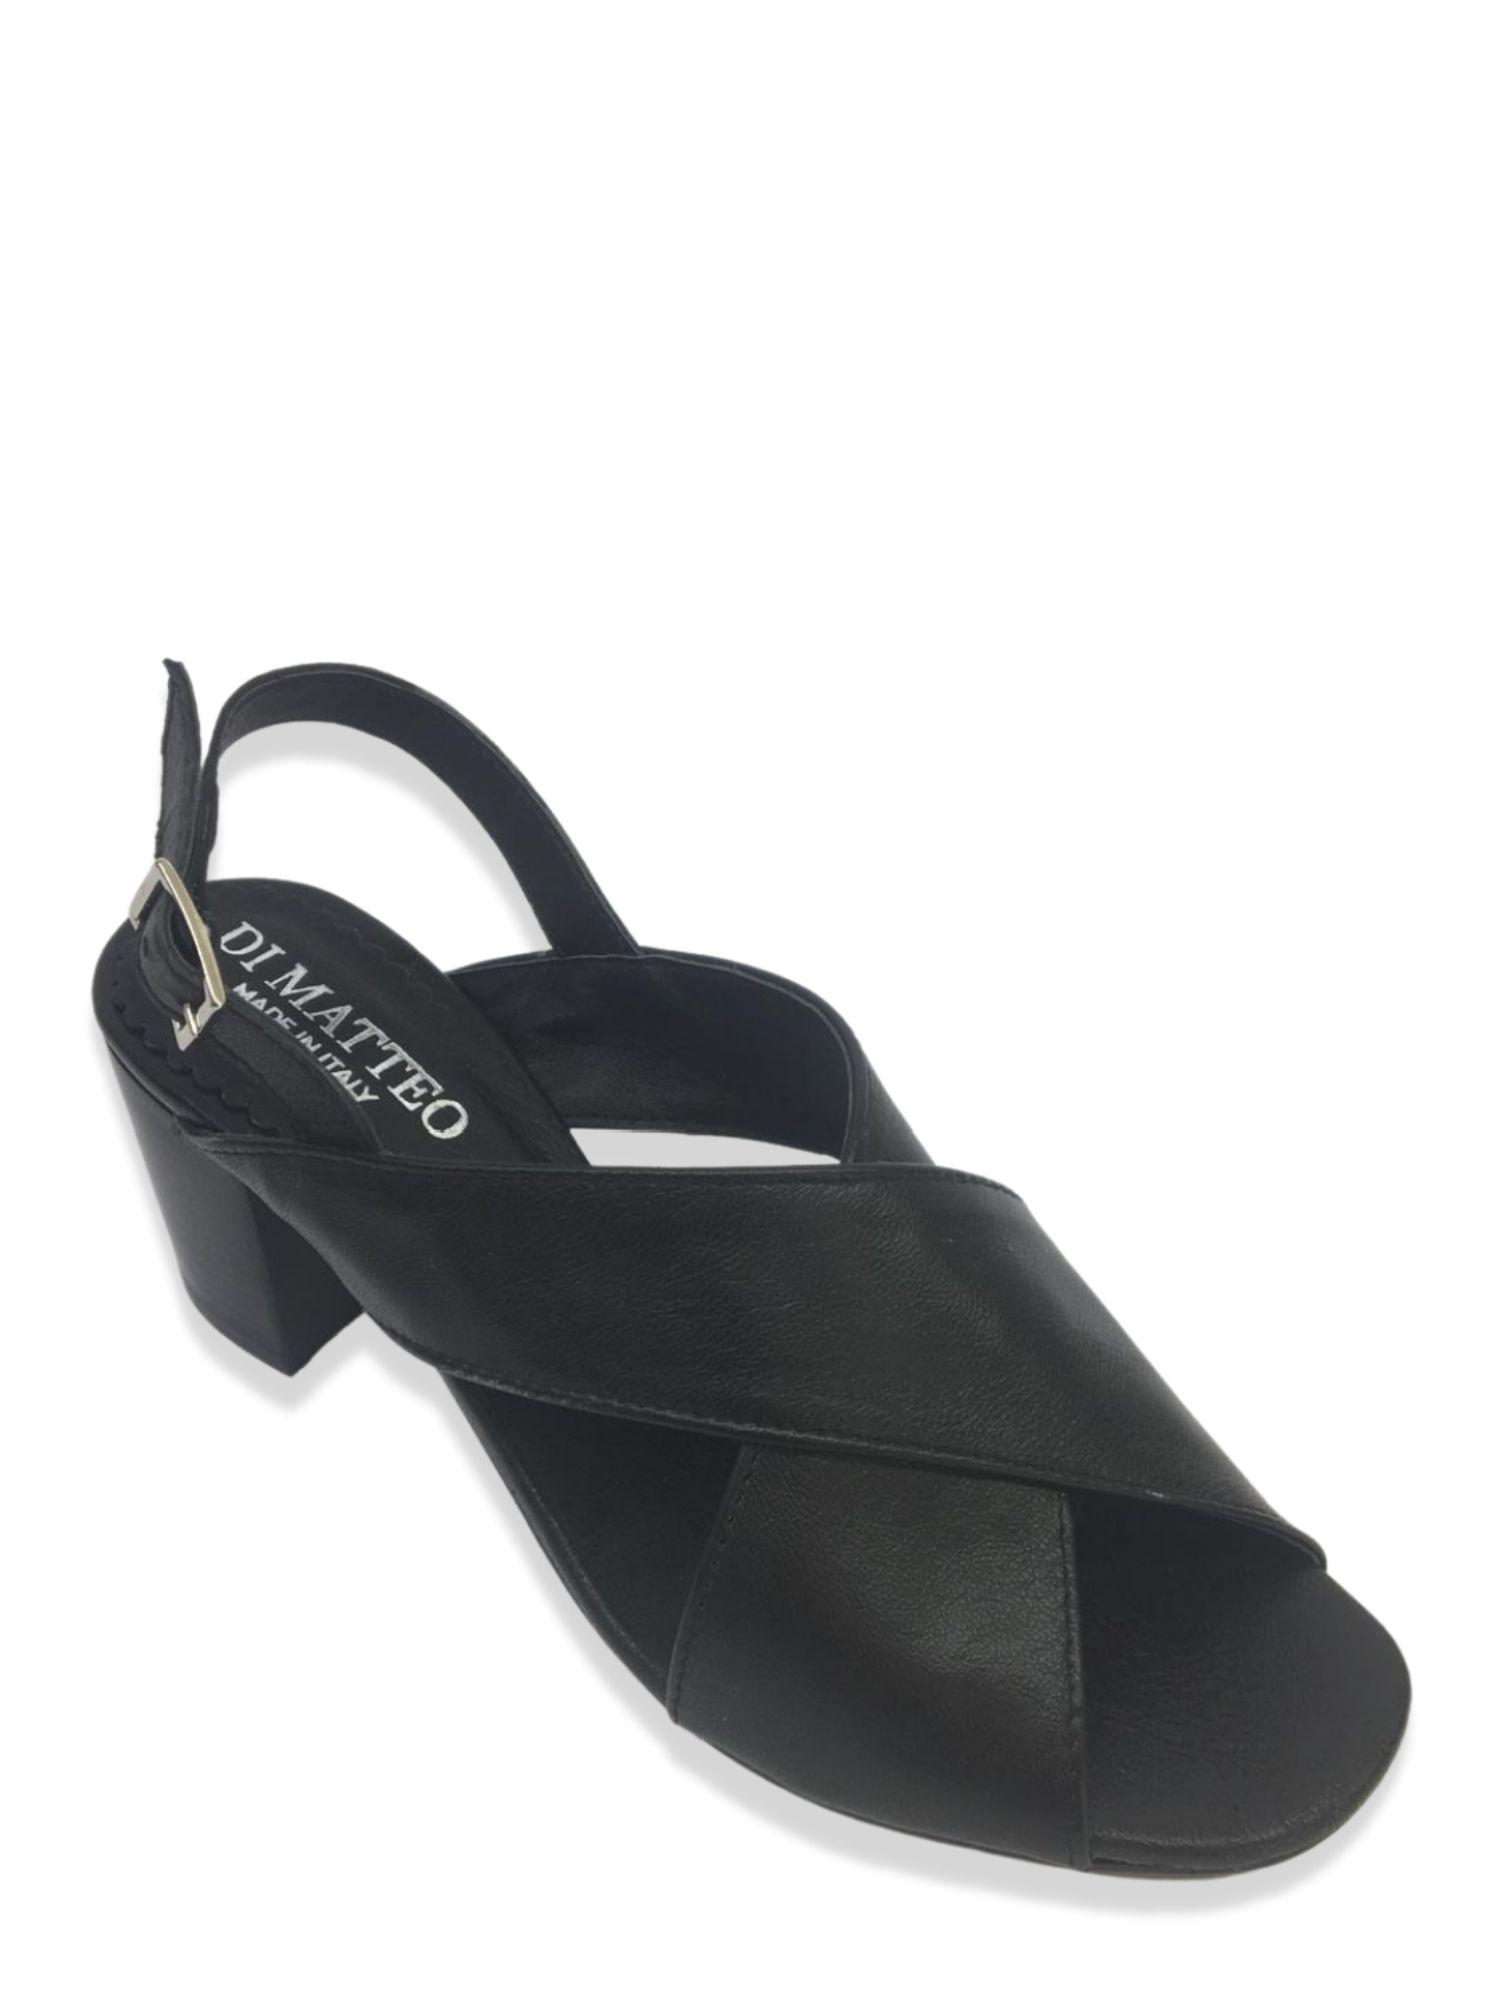 Sandalo Made in Italy 505 Nero alto 2